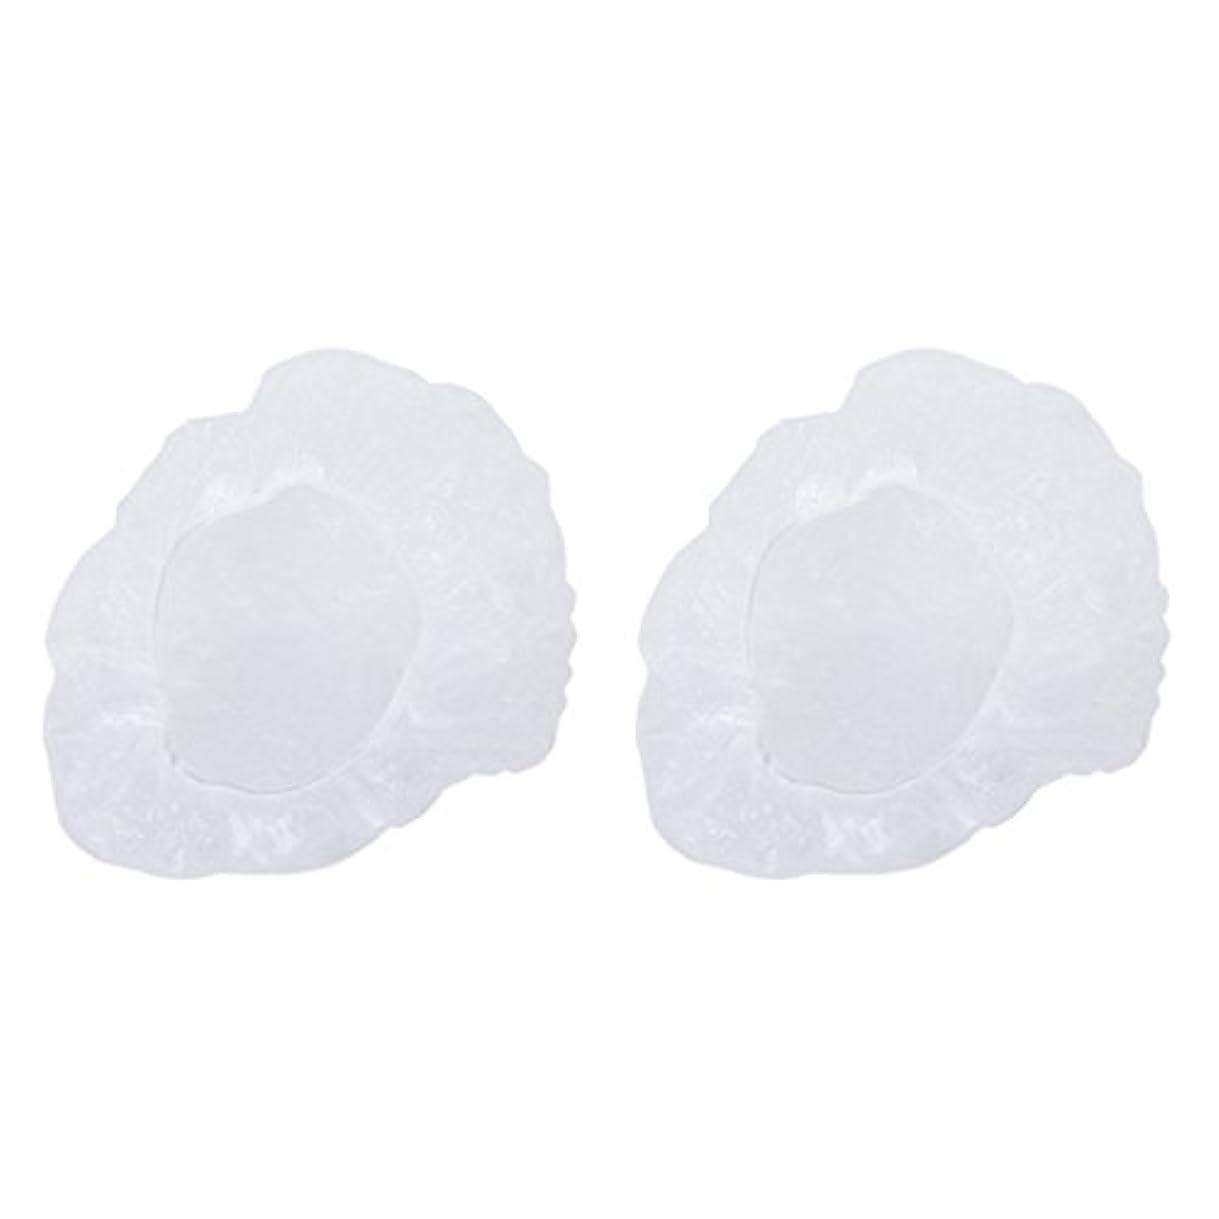 コンパニオン引き出す骨Perfk お買い得 ポリエチレン シャワーキャップ カバー 使い捨て プラスチック製  シャンプーハット 透明 200枚